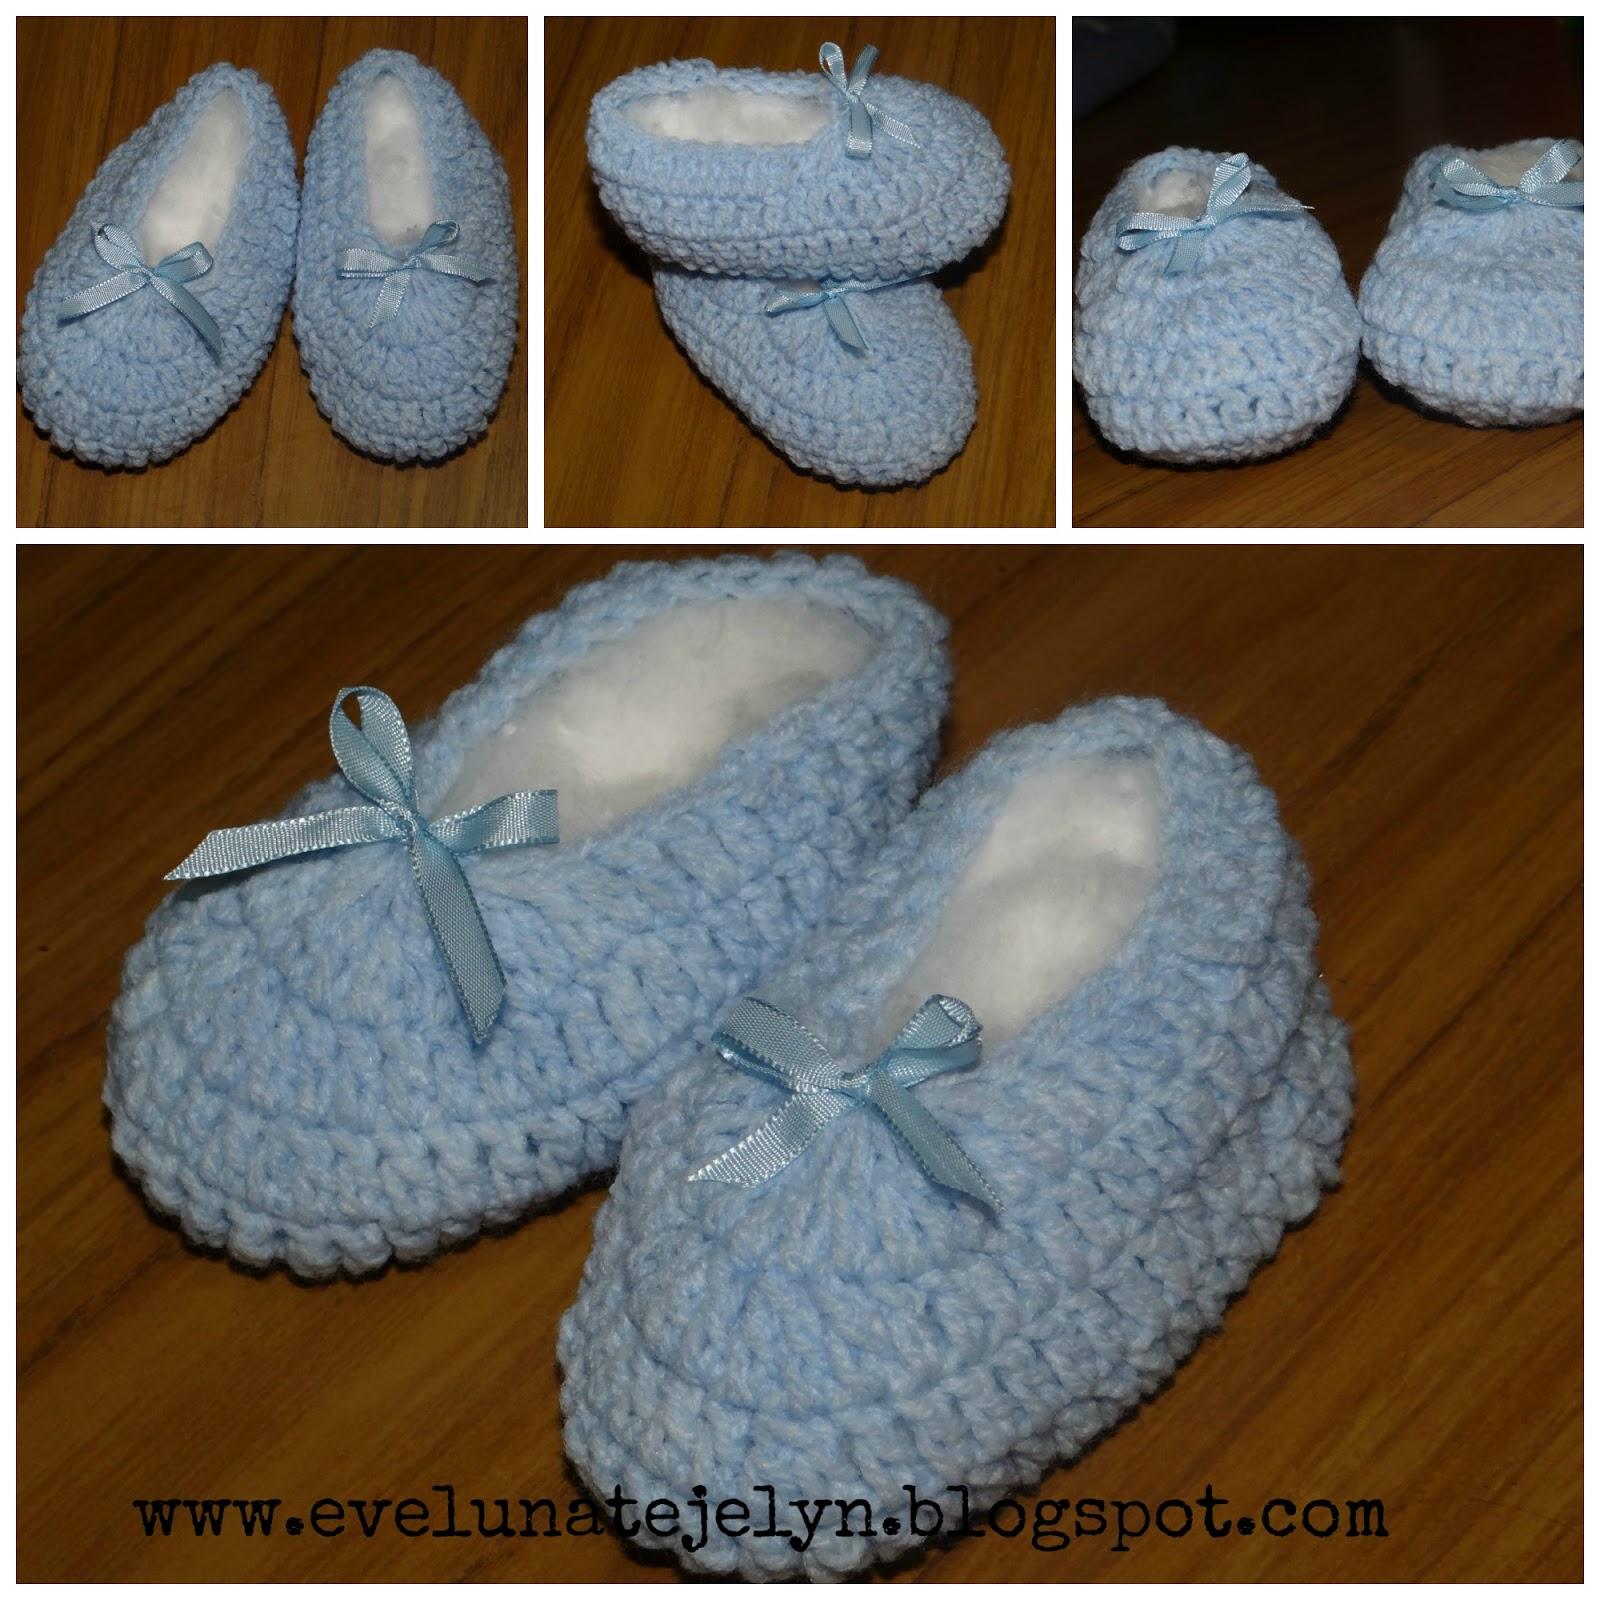 Crochet Tutorial Zapatitos Escarpines Abril : tejequeteteje: Escarpines sencillos tejidos a crochet